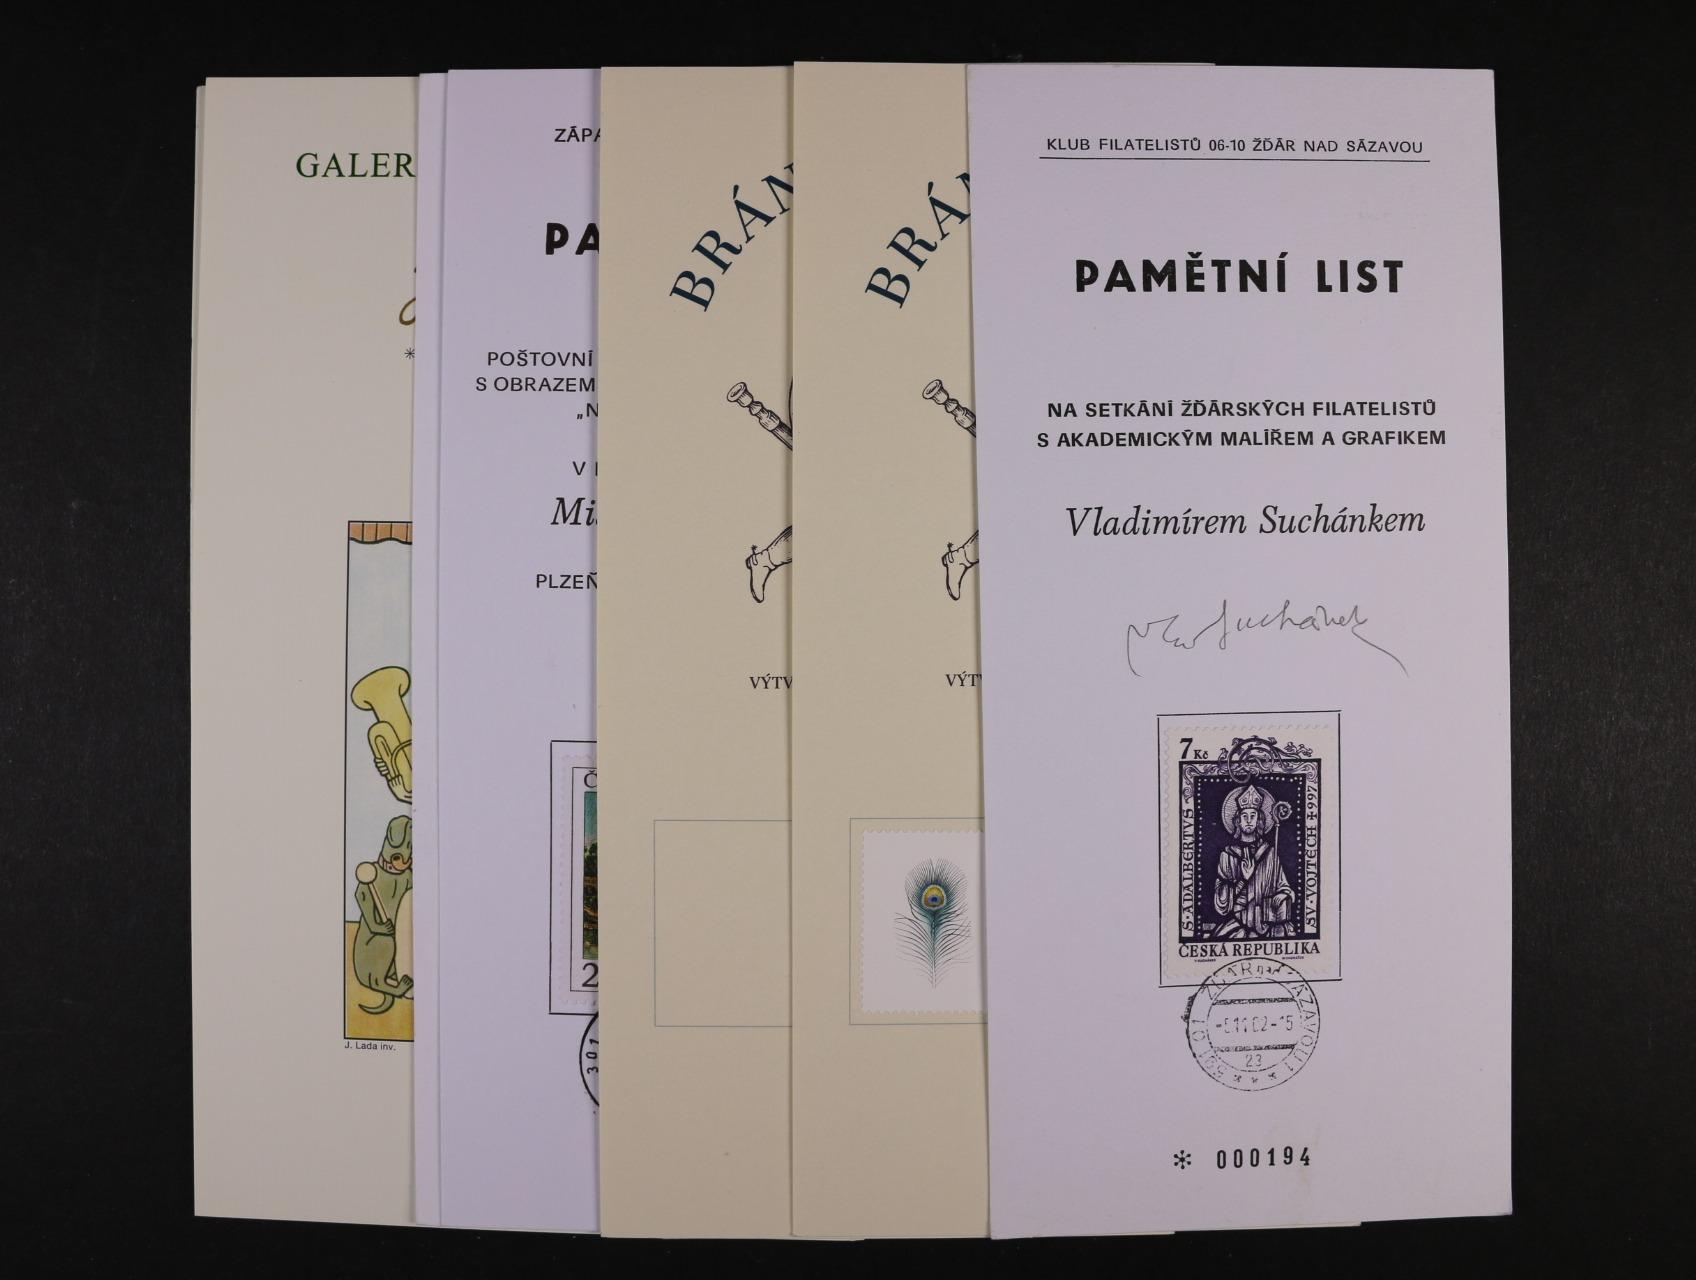 sestava 30 ks pam. listů z let 2002 - 2011, některé s podpisy autorů a tvůrců zn.